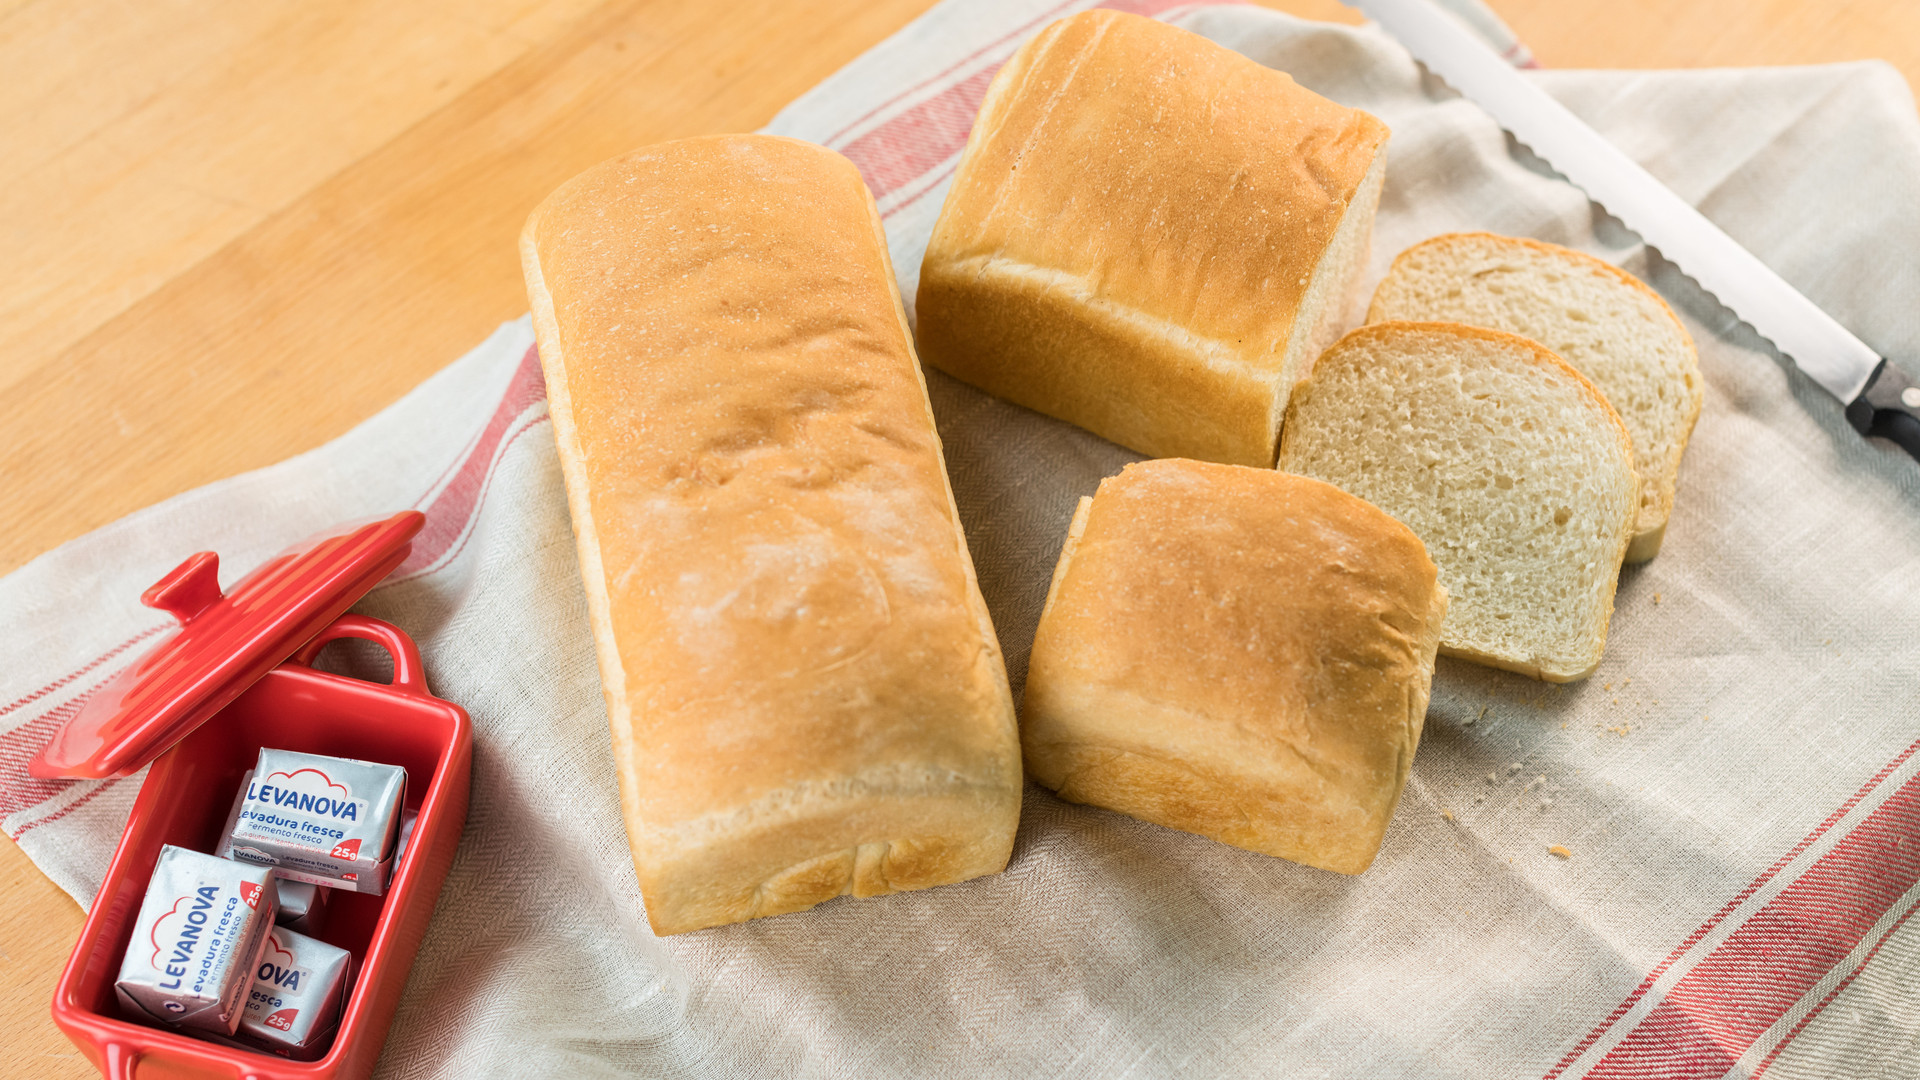 Pan de molde- Receta levanova